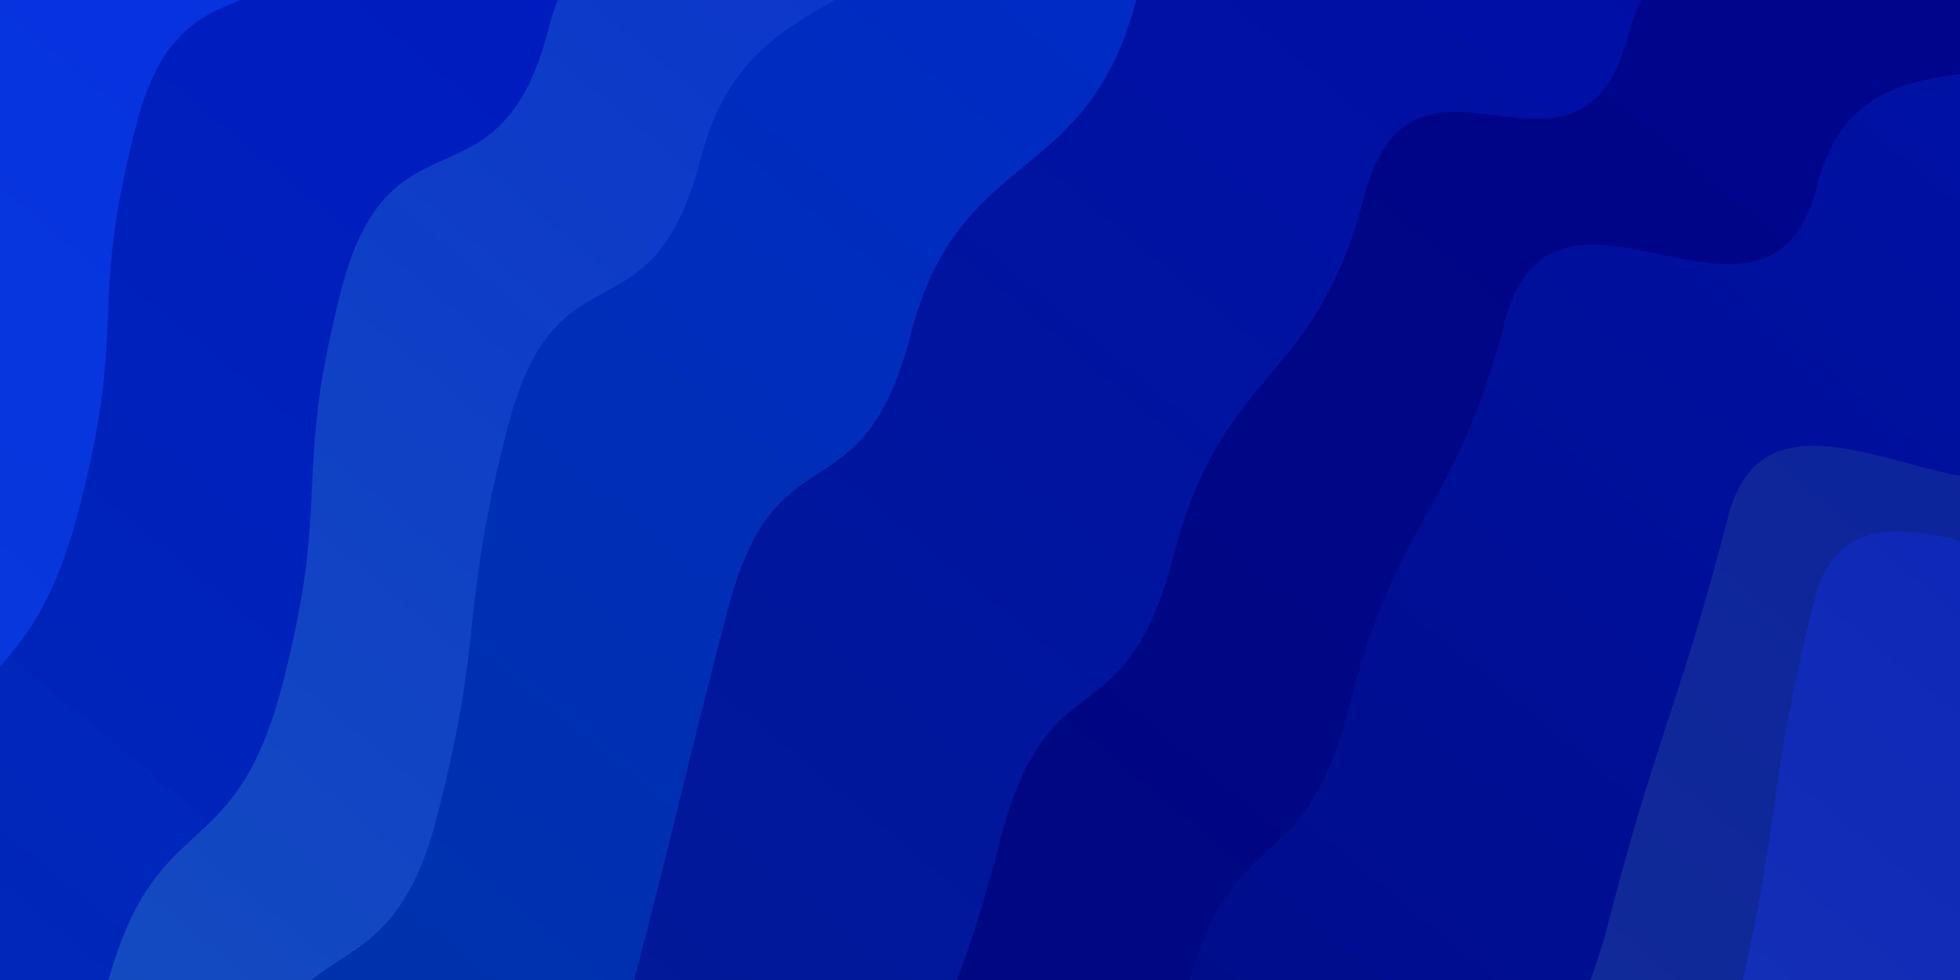 ljusblå, gul vektorlayout med sneda linjer. vektor